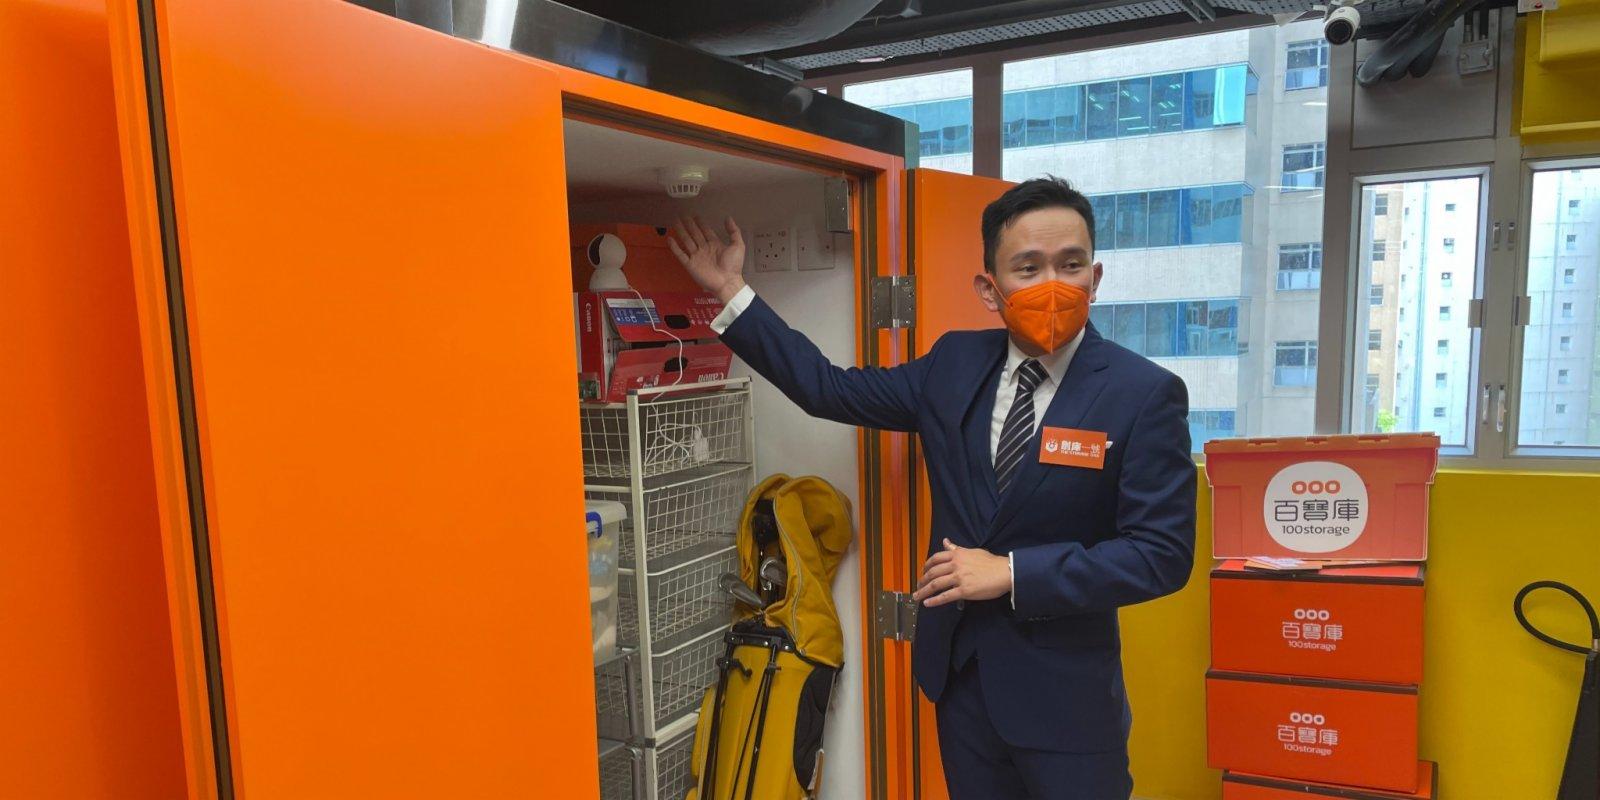 葵涌迷你倉拆售 最低58.8萬元做業主